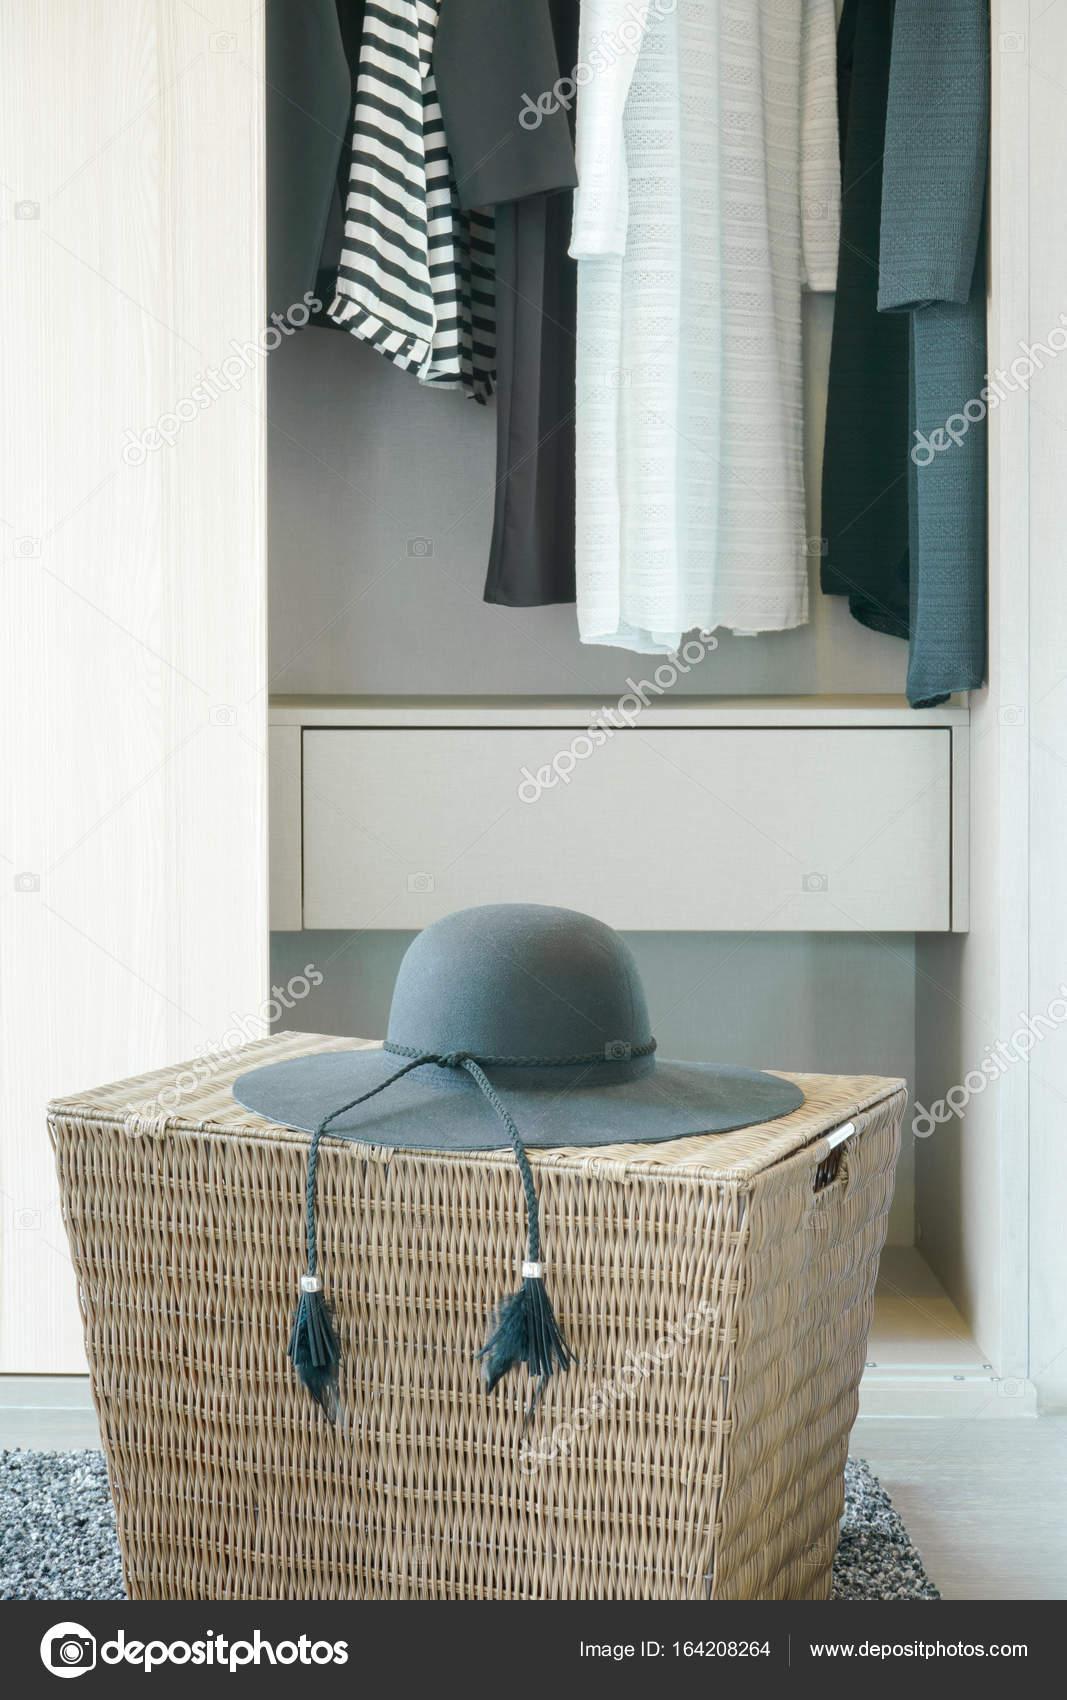 Schwarzen Hut auf Korb mit Tüchern hängen im Schrank im Hintergrund ...